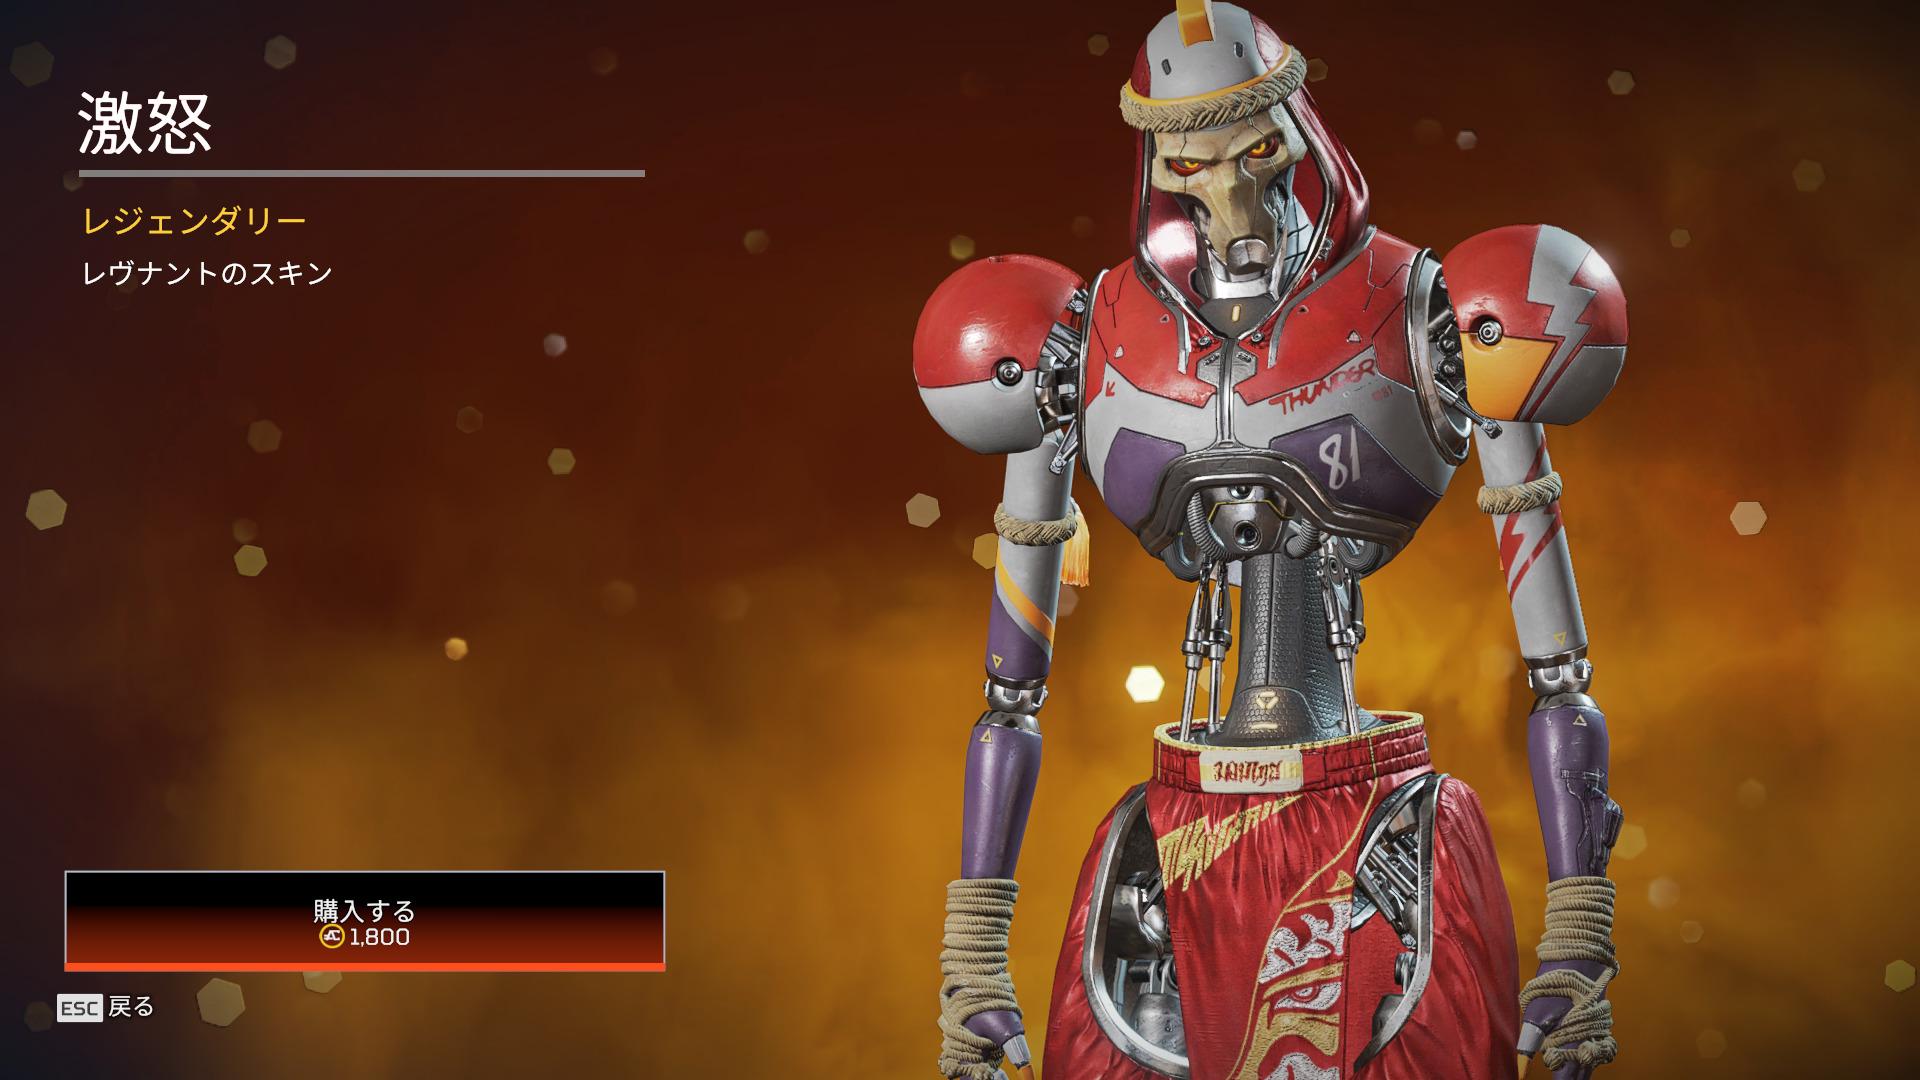 【APEX】レヴナントの新イベントスキンの肩から「モンスターボール」生えてない?